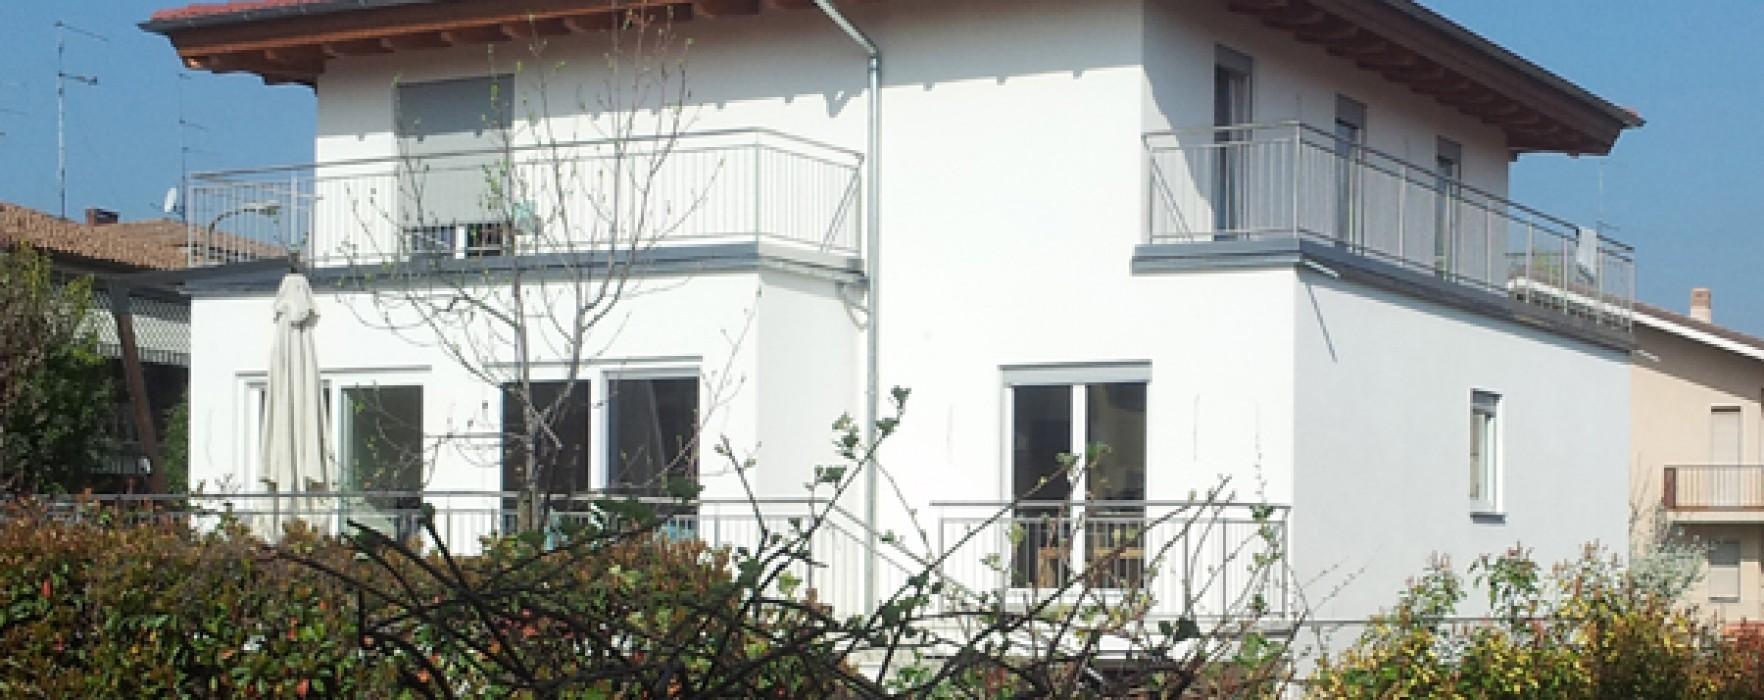 Ristrutturare le case prefabbricate for Case vecchie ristrutturate